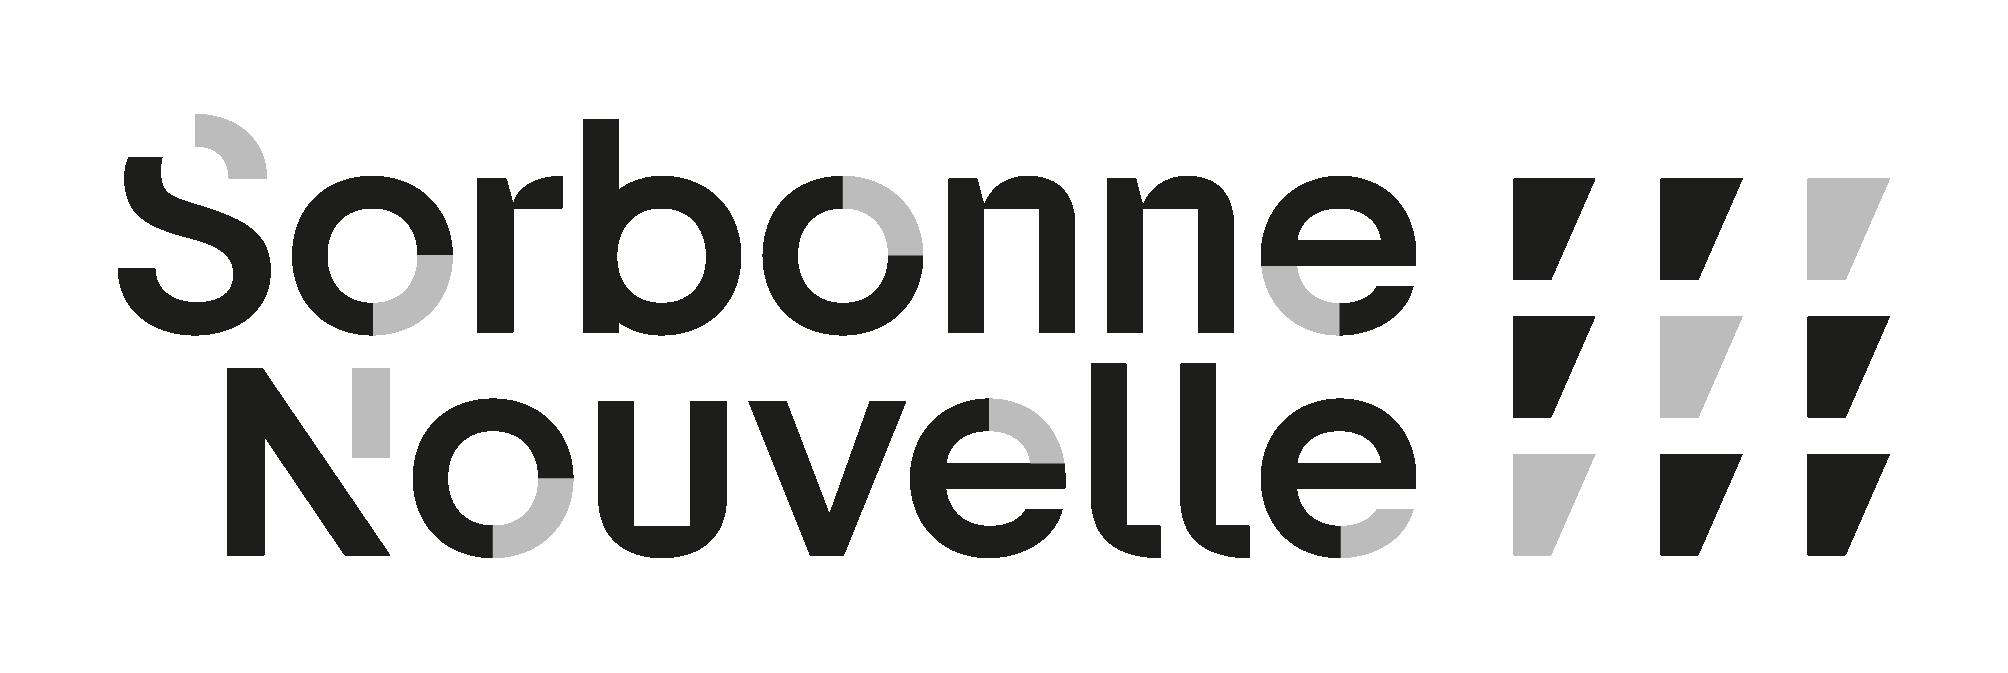 sorbonne_nouvelle-trapezes_couche_noir_bicoleur